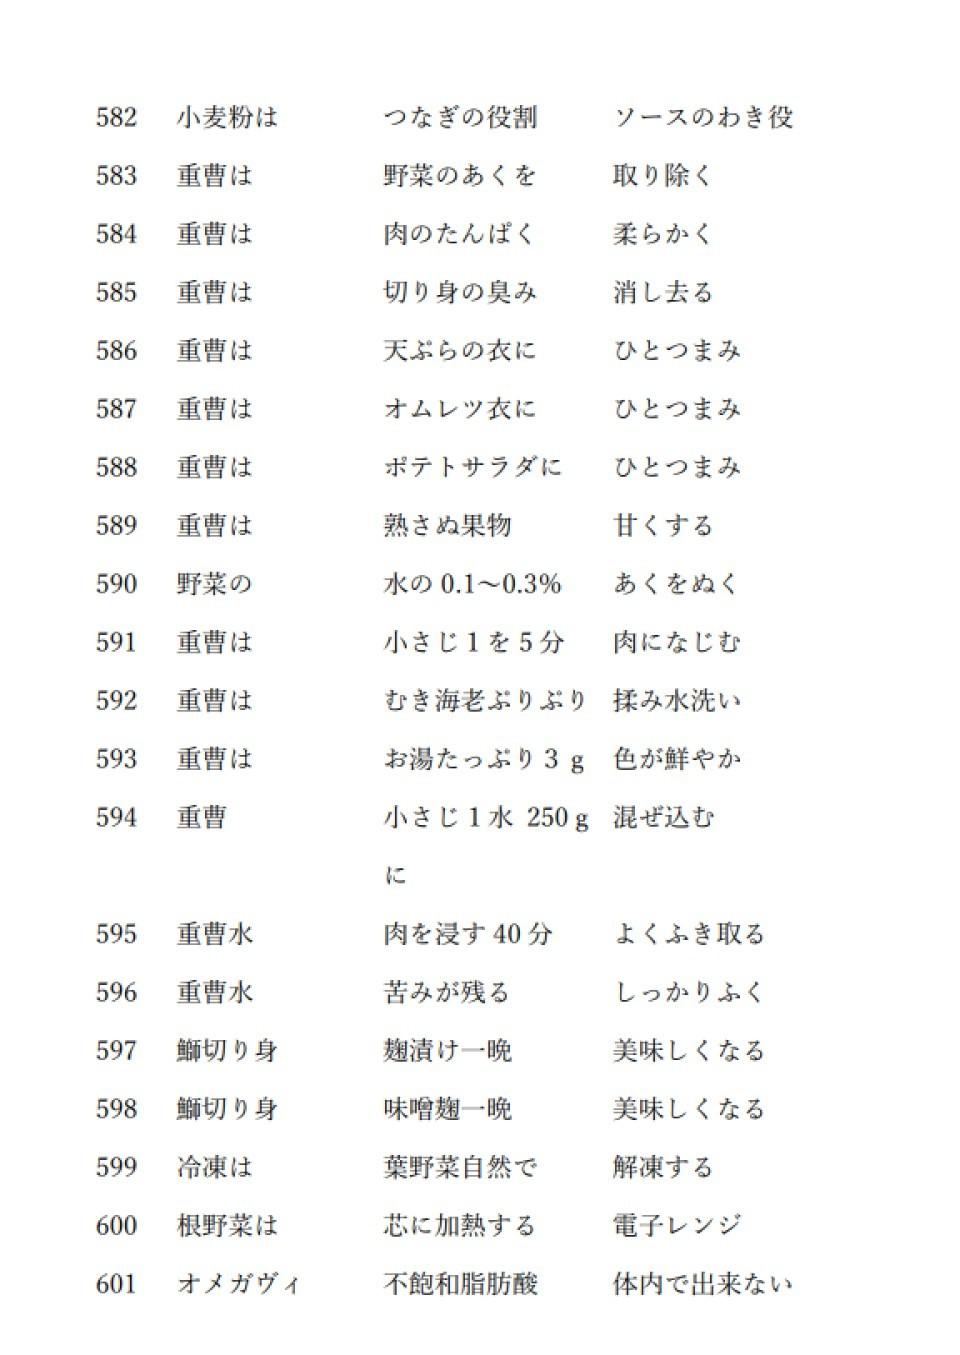 矢田健数え歌583